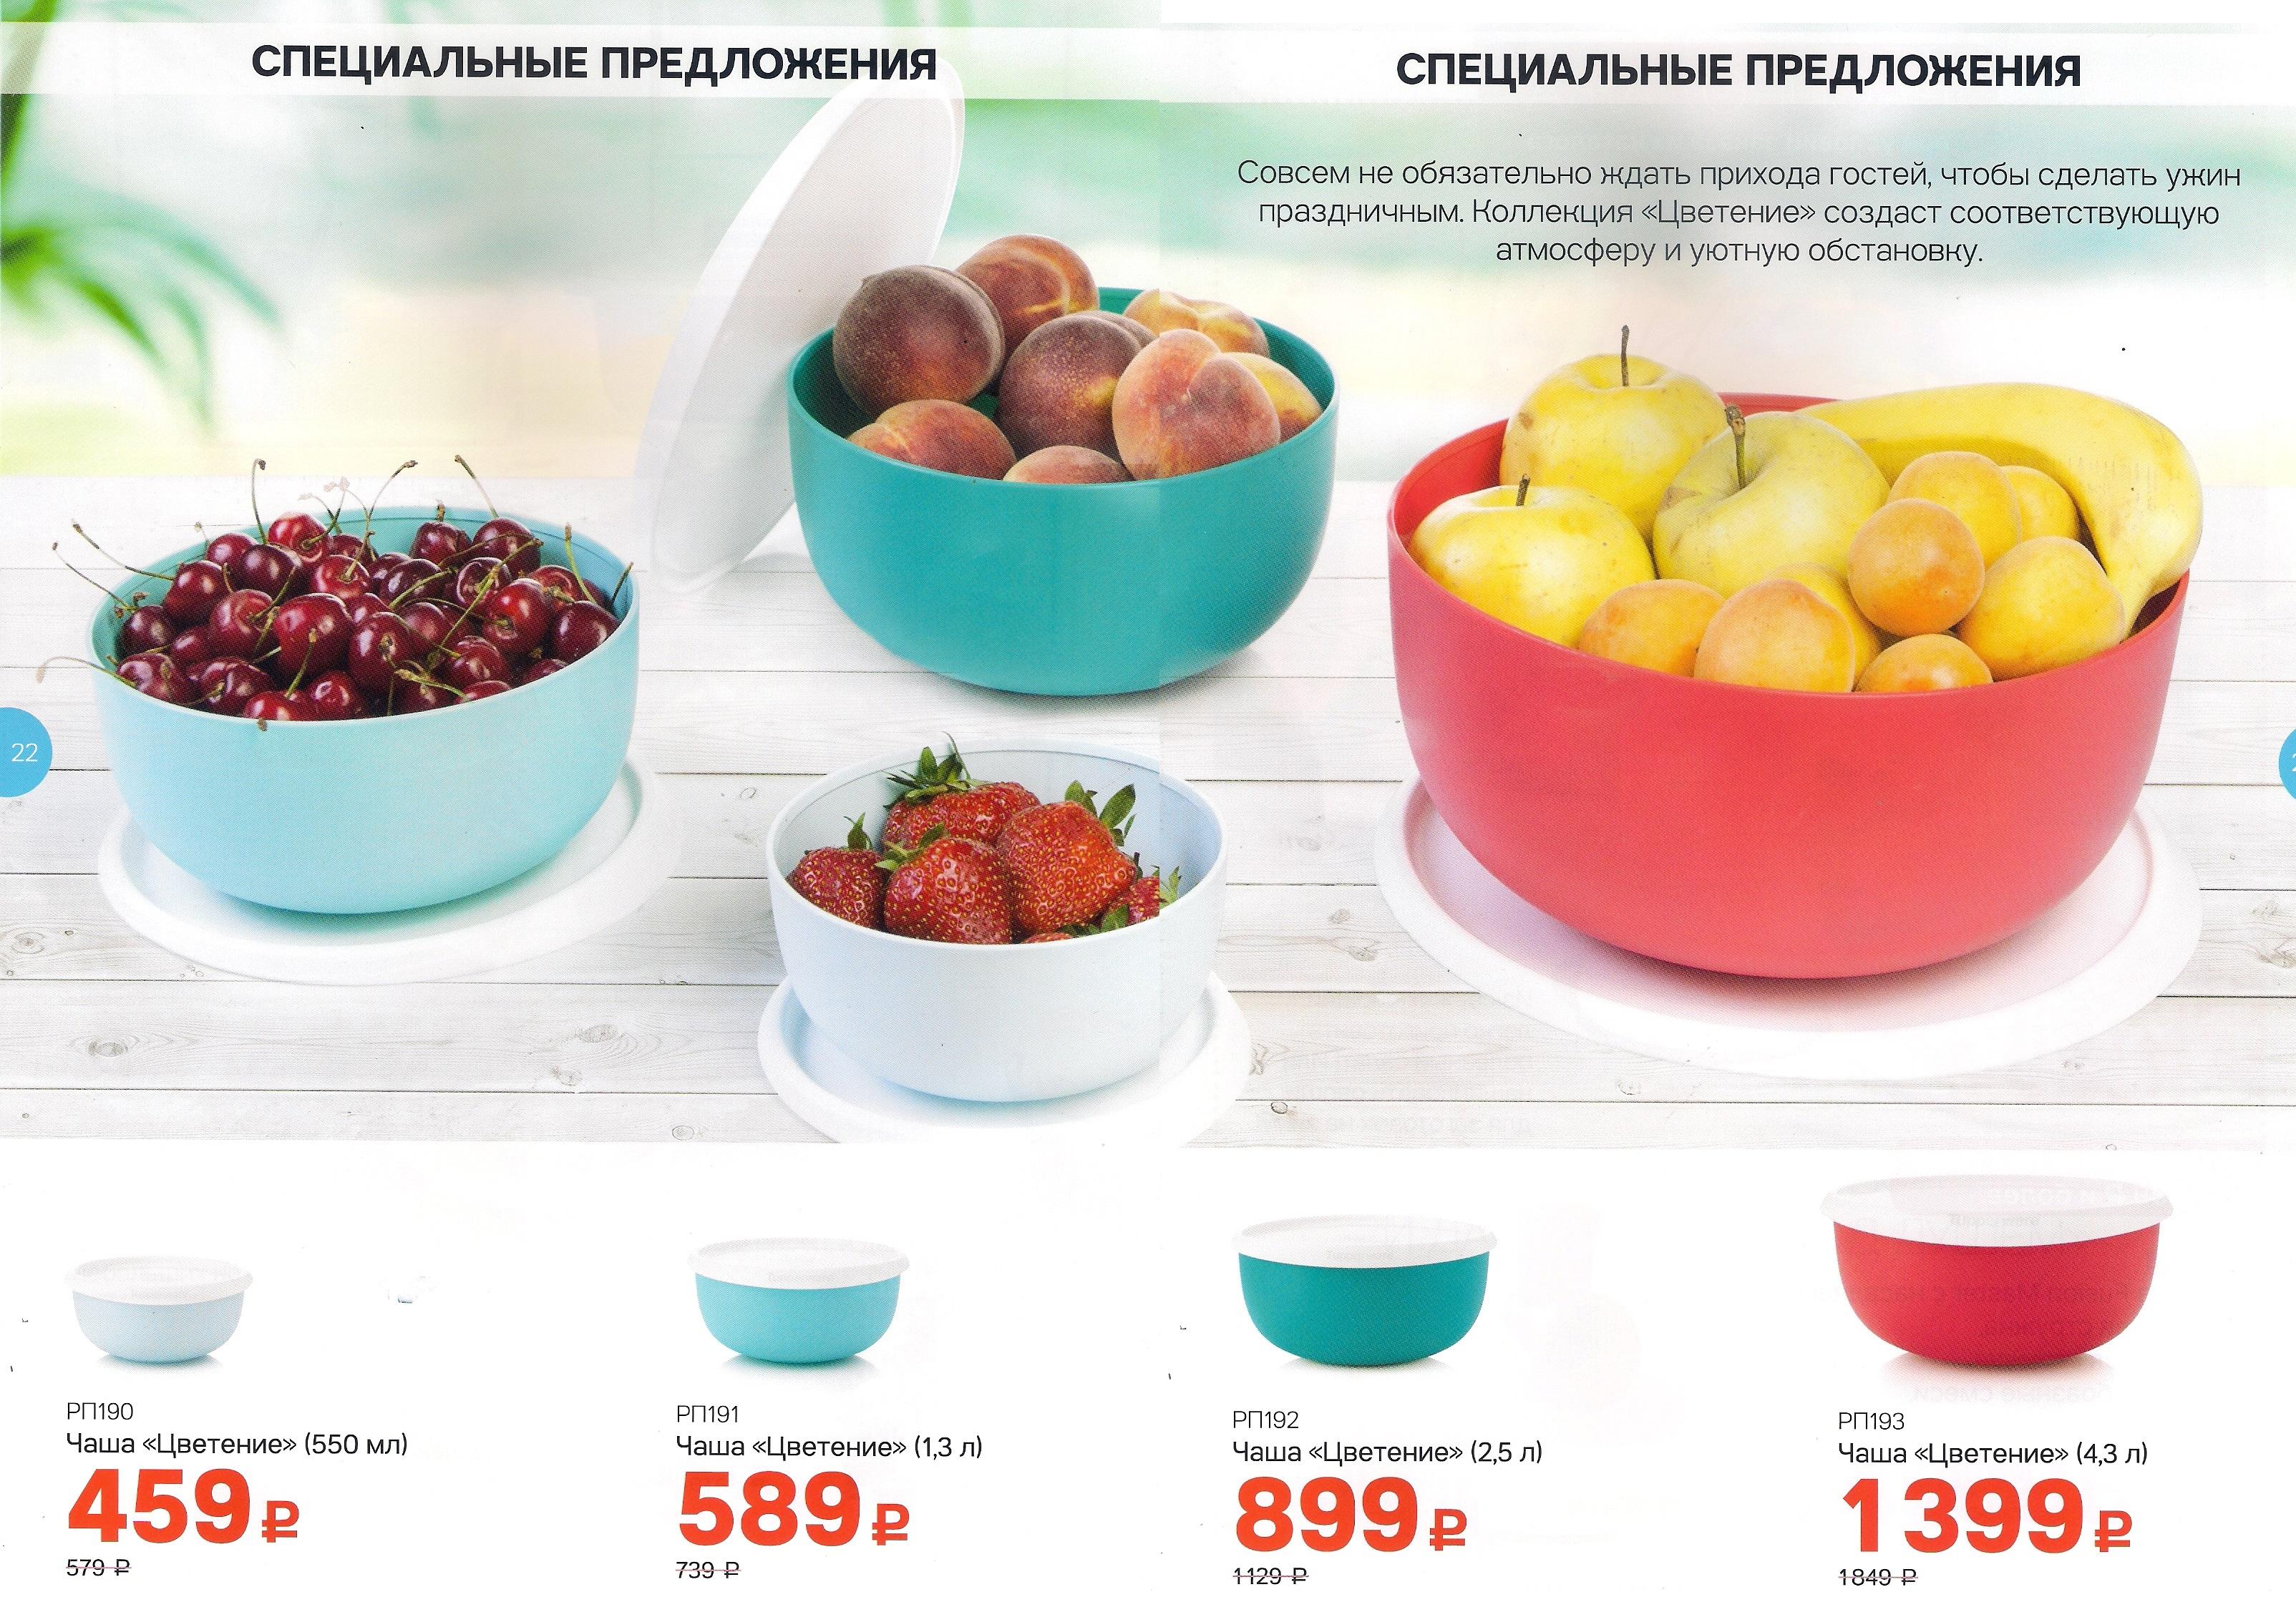 http://tupperware-online.ru/images/upload/13m,.jpg